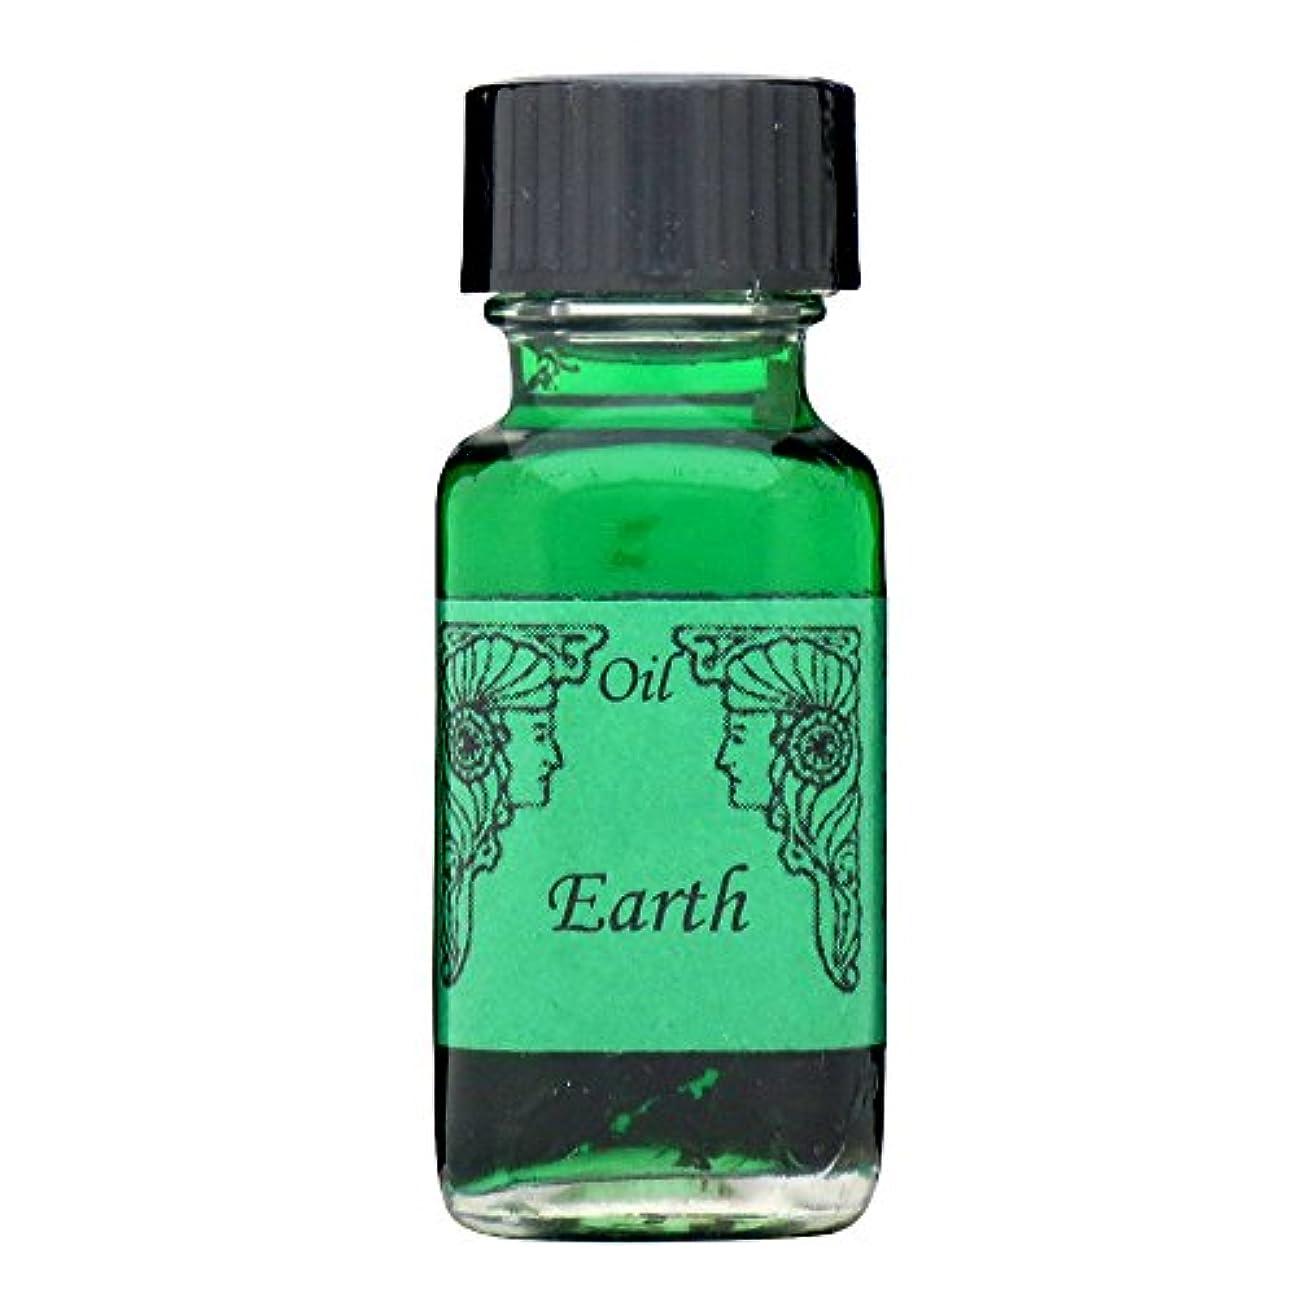 ホールドオール維持する台無しにアンシェントメモリーオイル アース (地) 15ml (Ancient Memory Oils)